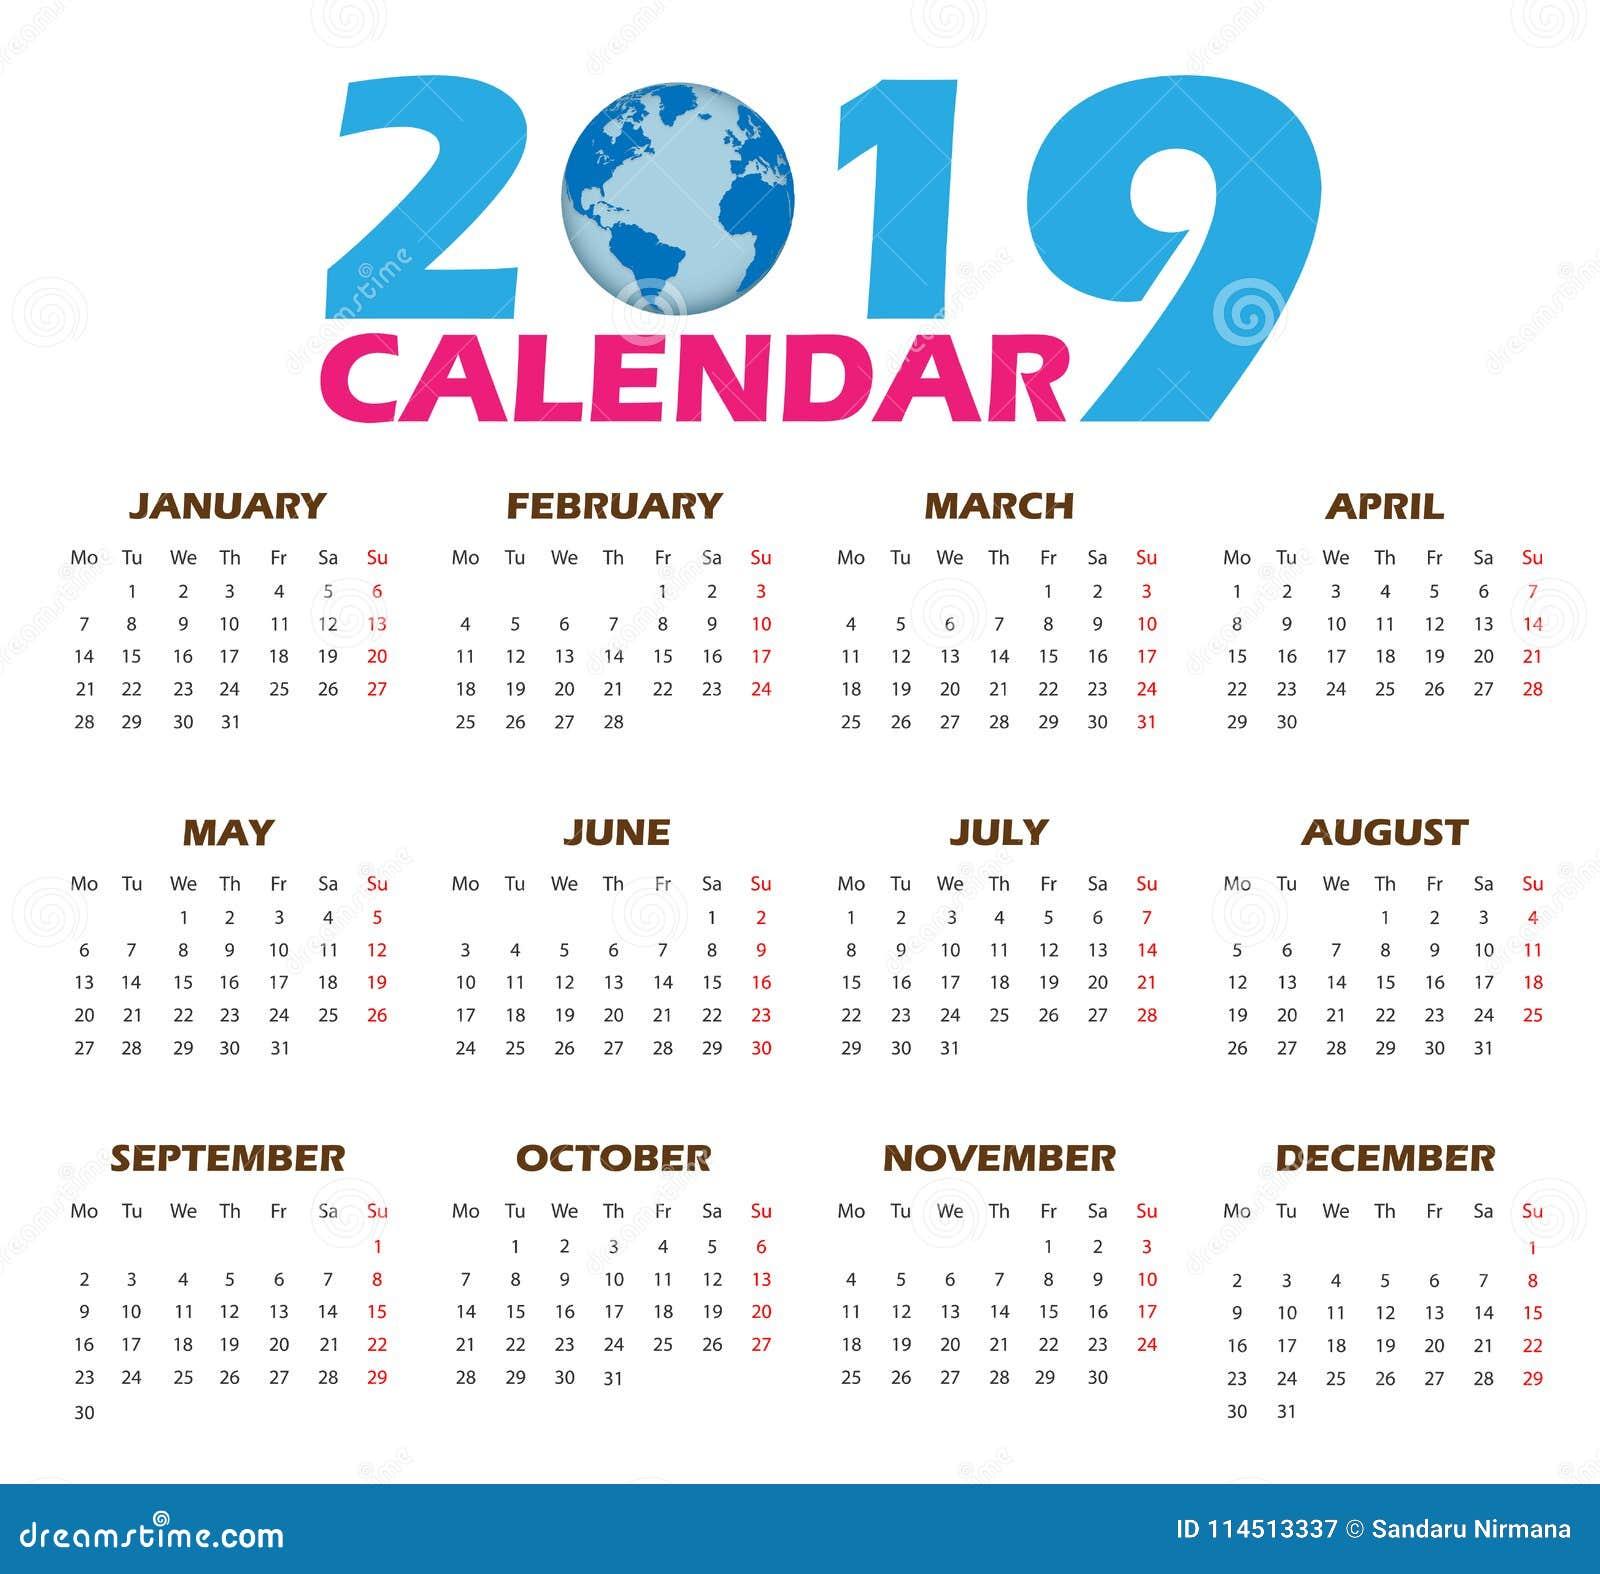 Calendario 2019 Illustrator.Vector Calendar Templates 2019 Stock Vector Illustration